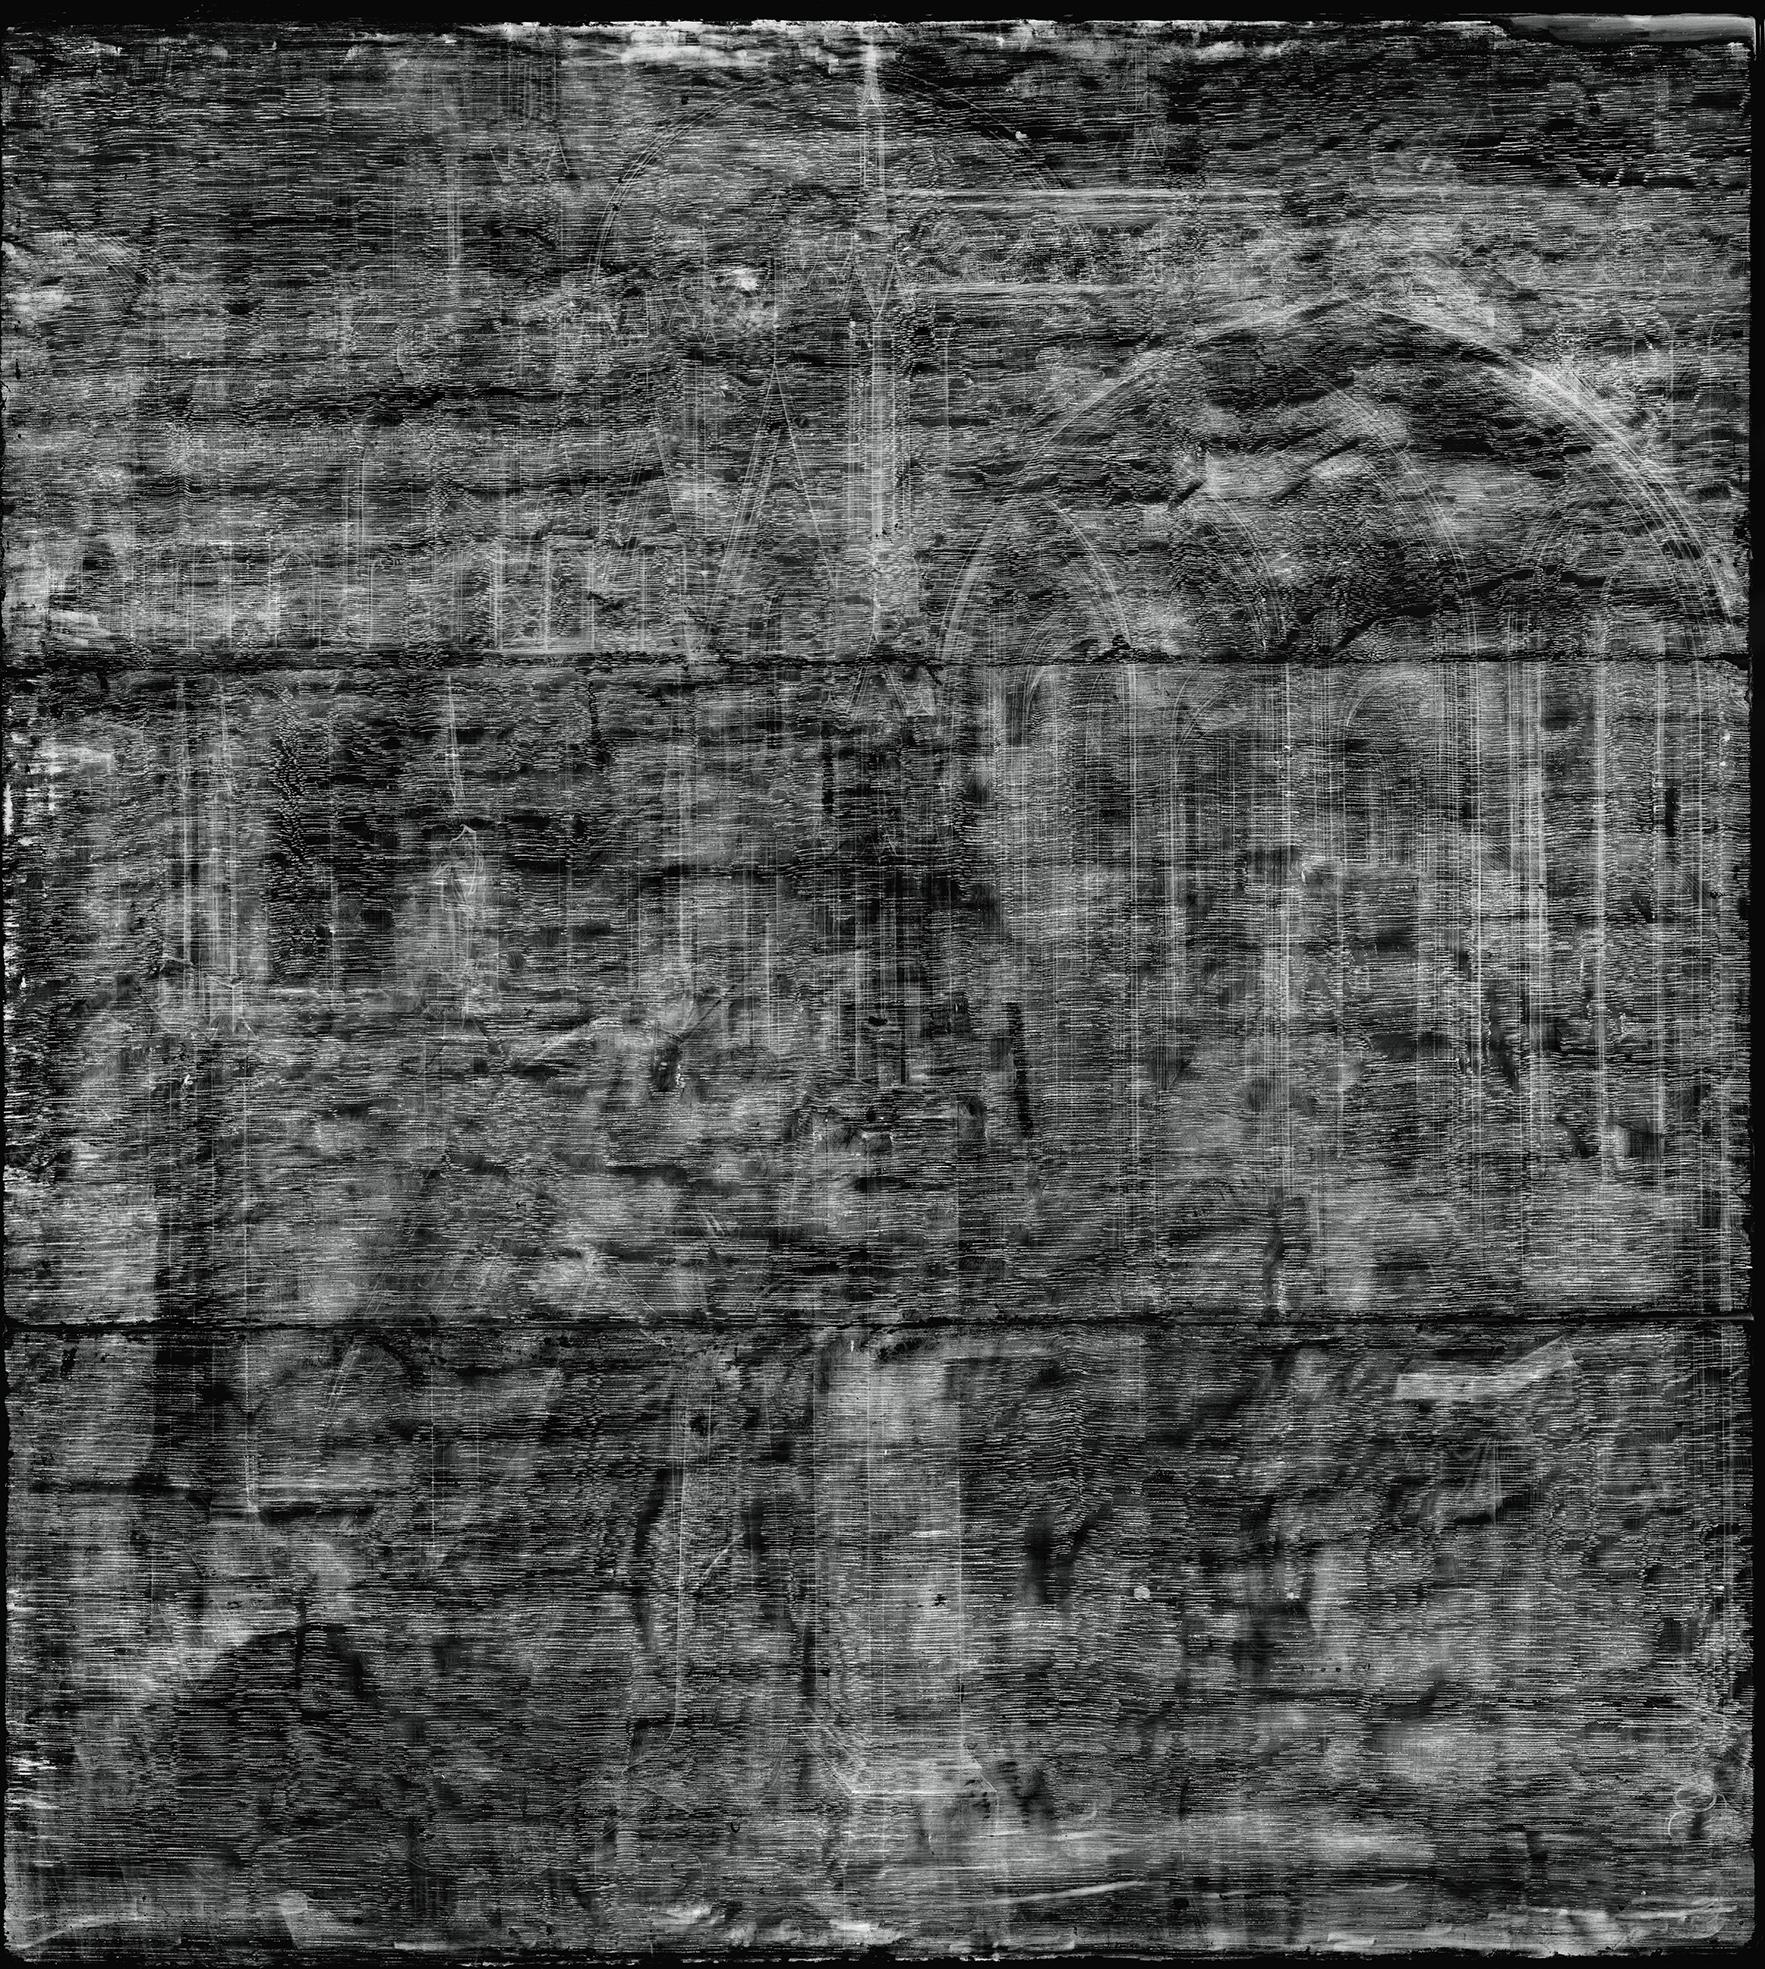 13. P01915a00xf2008 (The Annunciation), 2016 -® Museo Nacional del Prado_ Alejandro Guijarro, courtesy Tristan Hoare